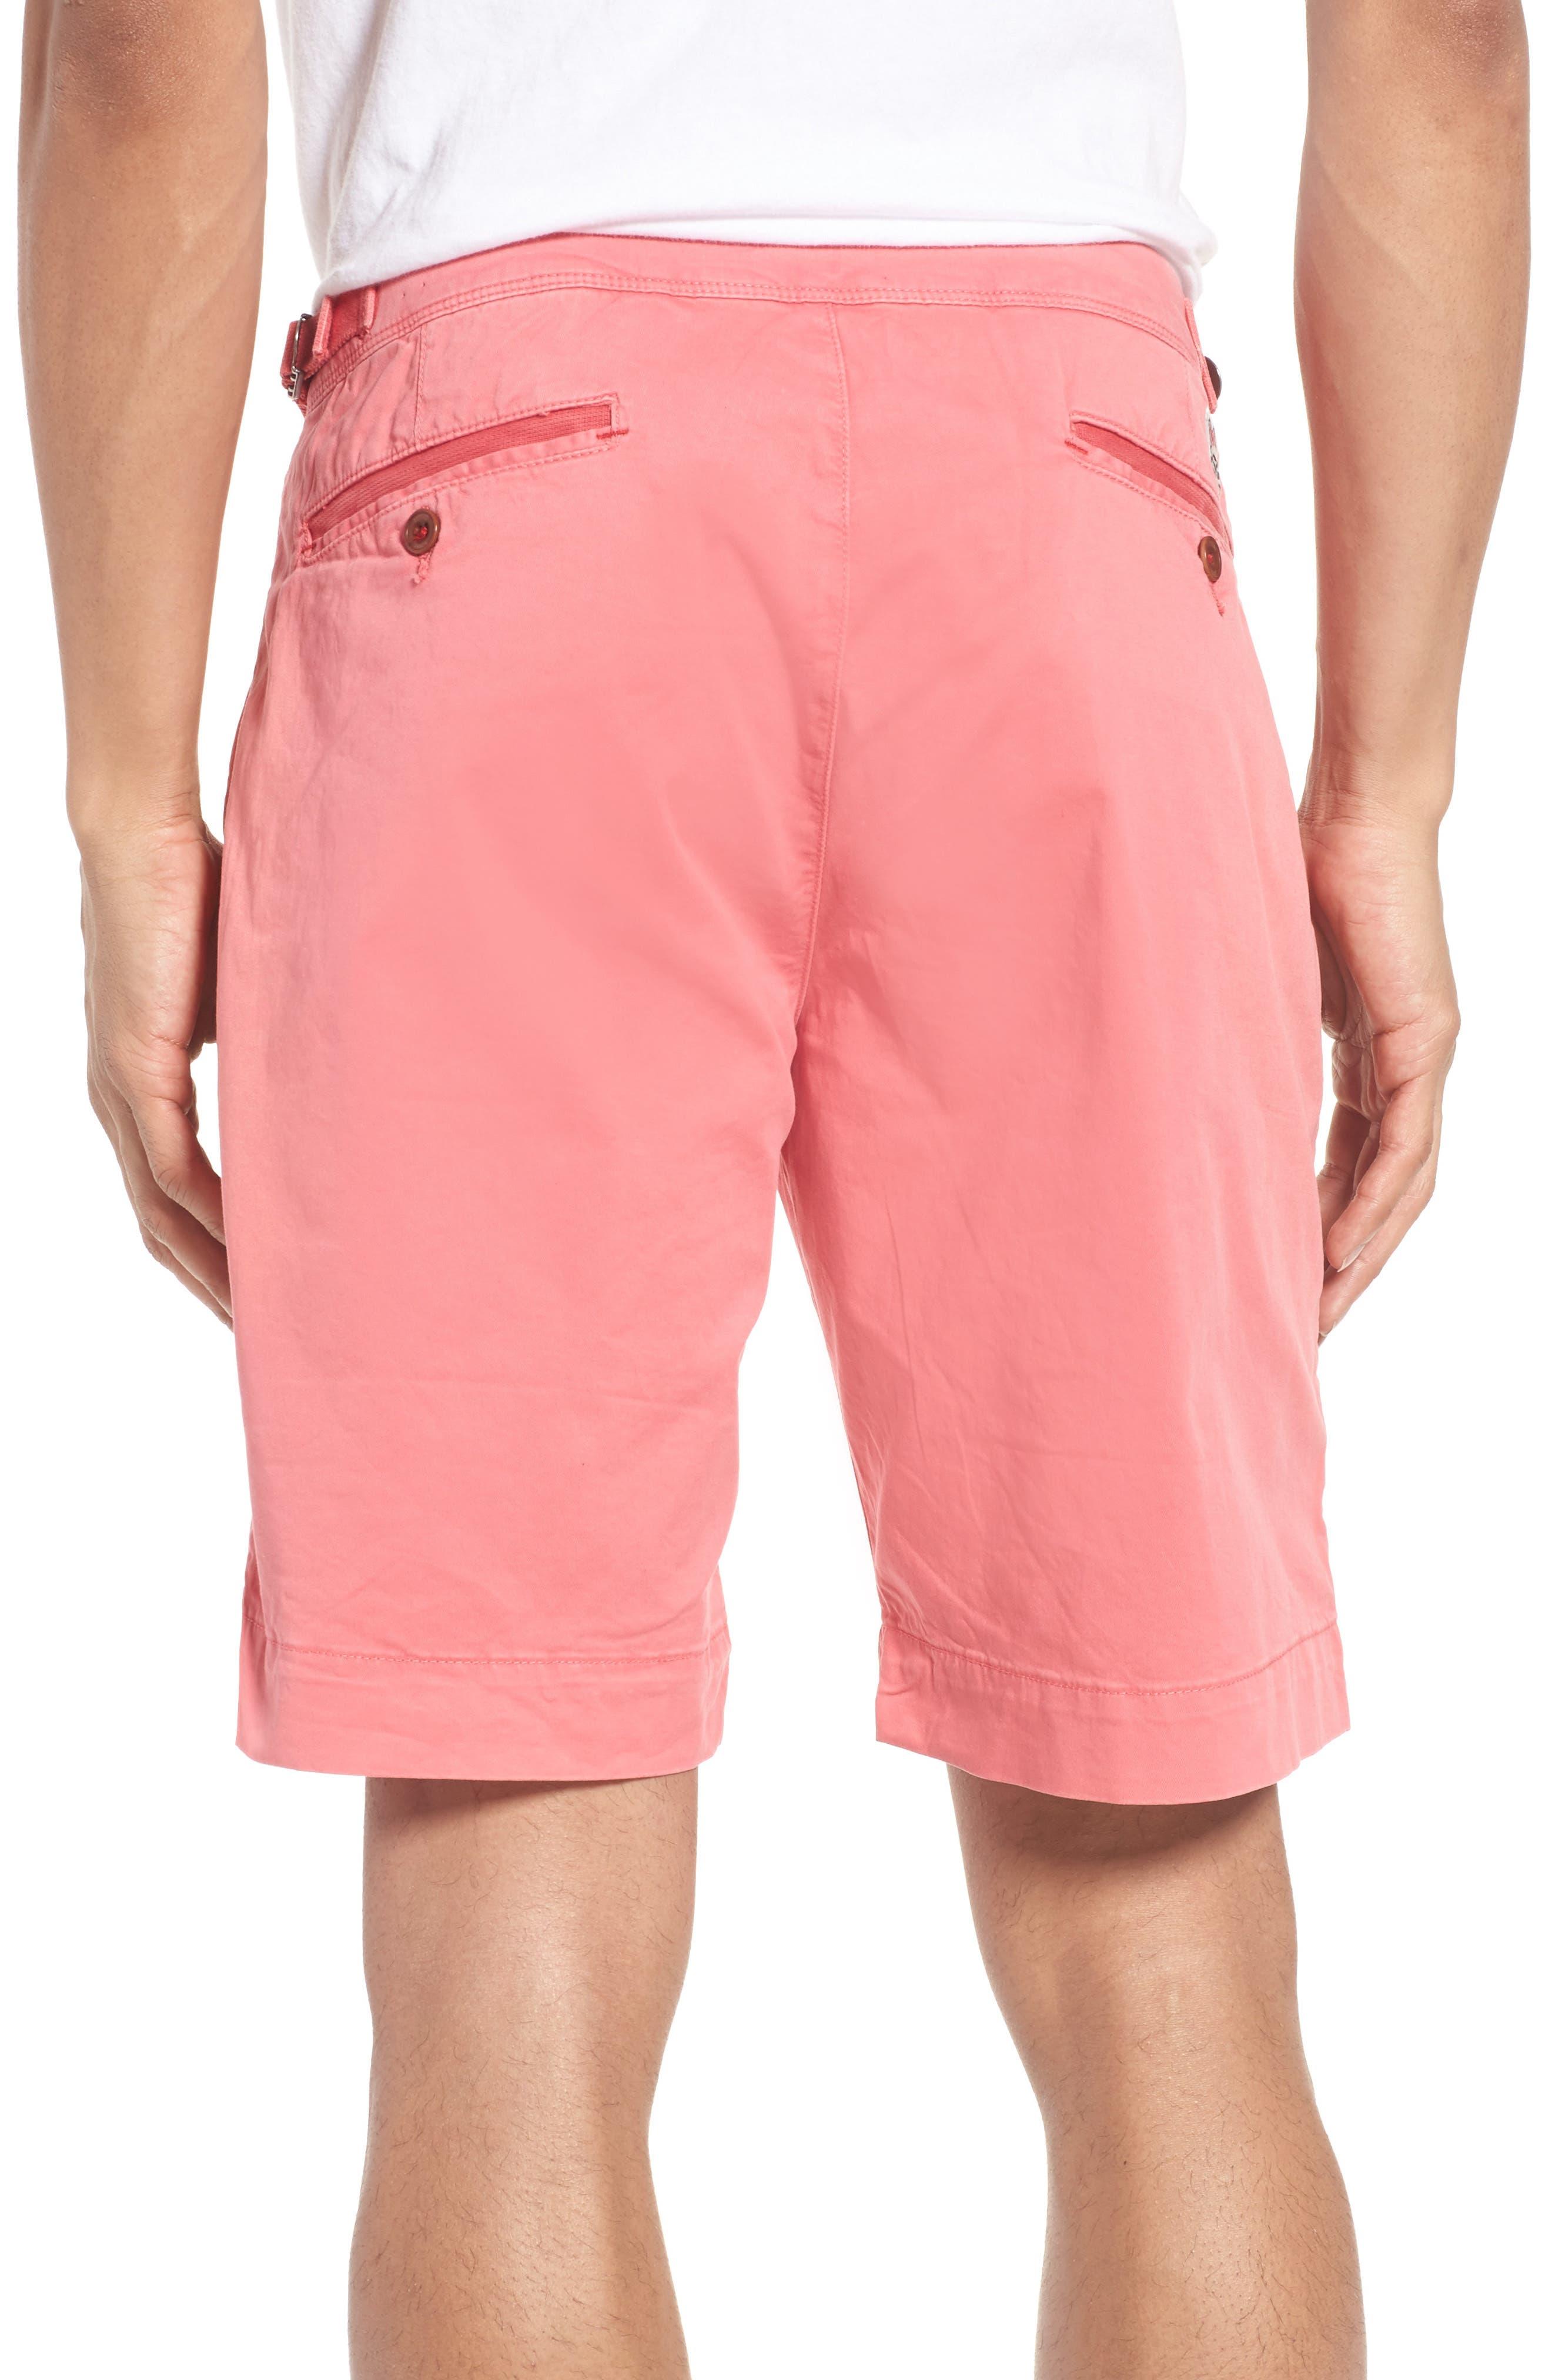 Triumph Shorts,                             Alternate thumbnail 24, color,